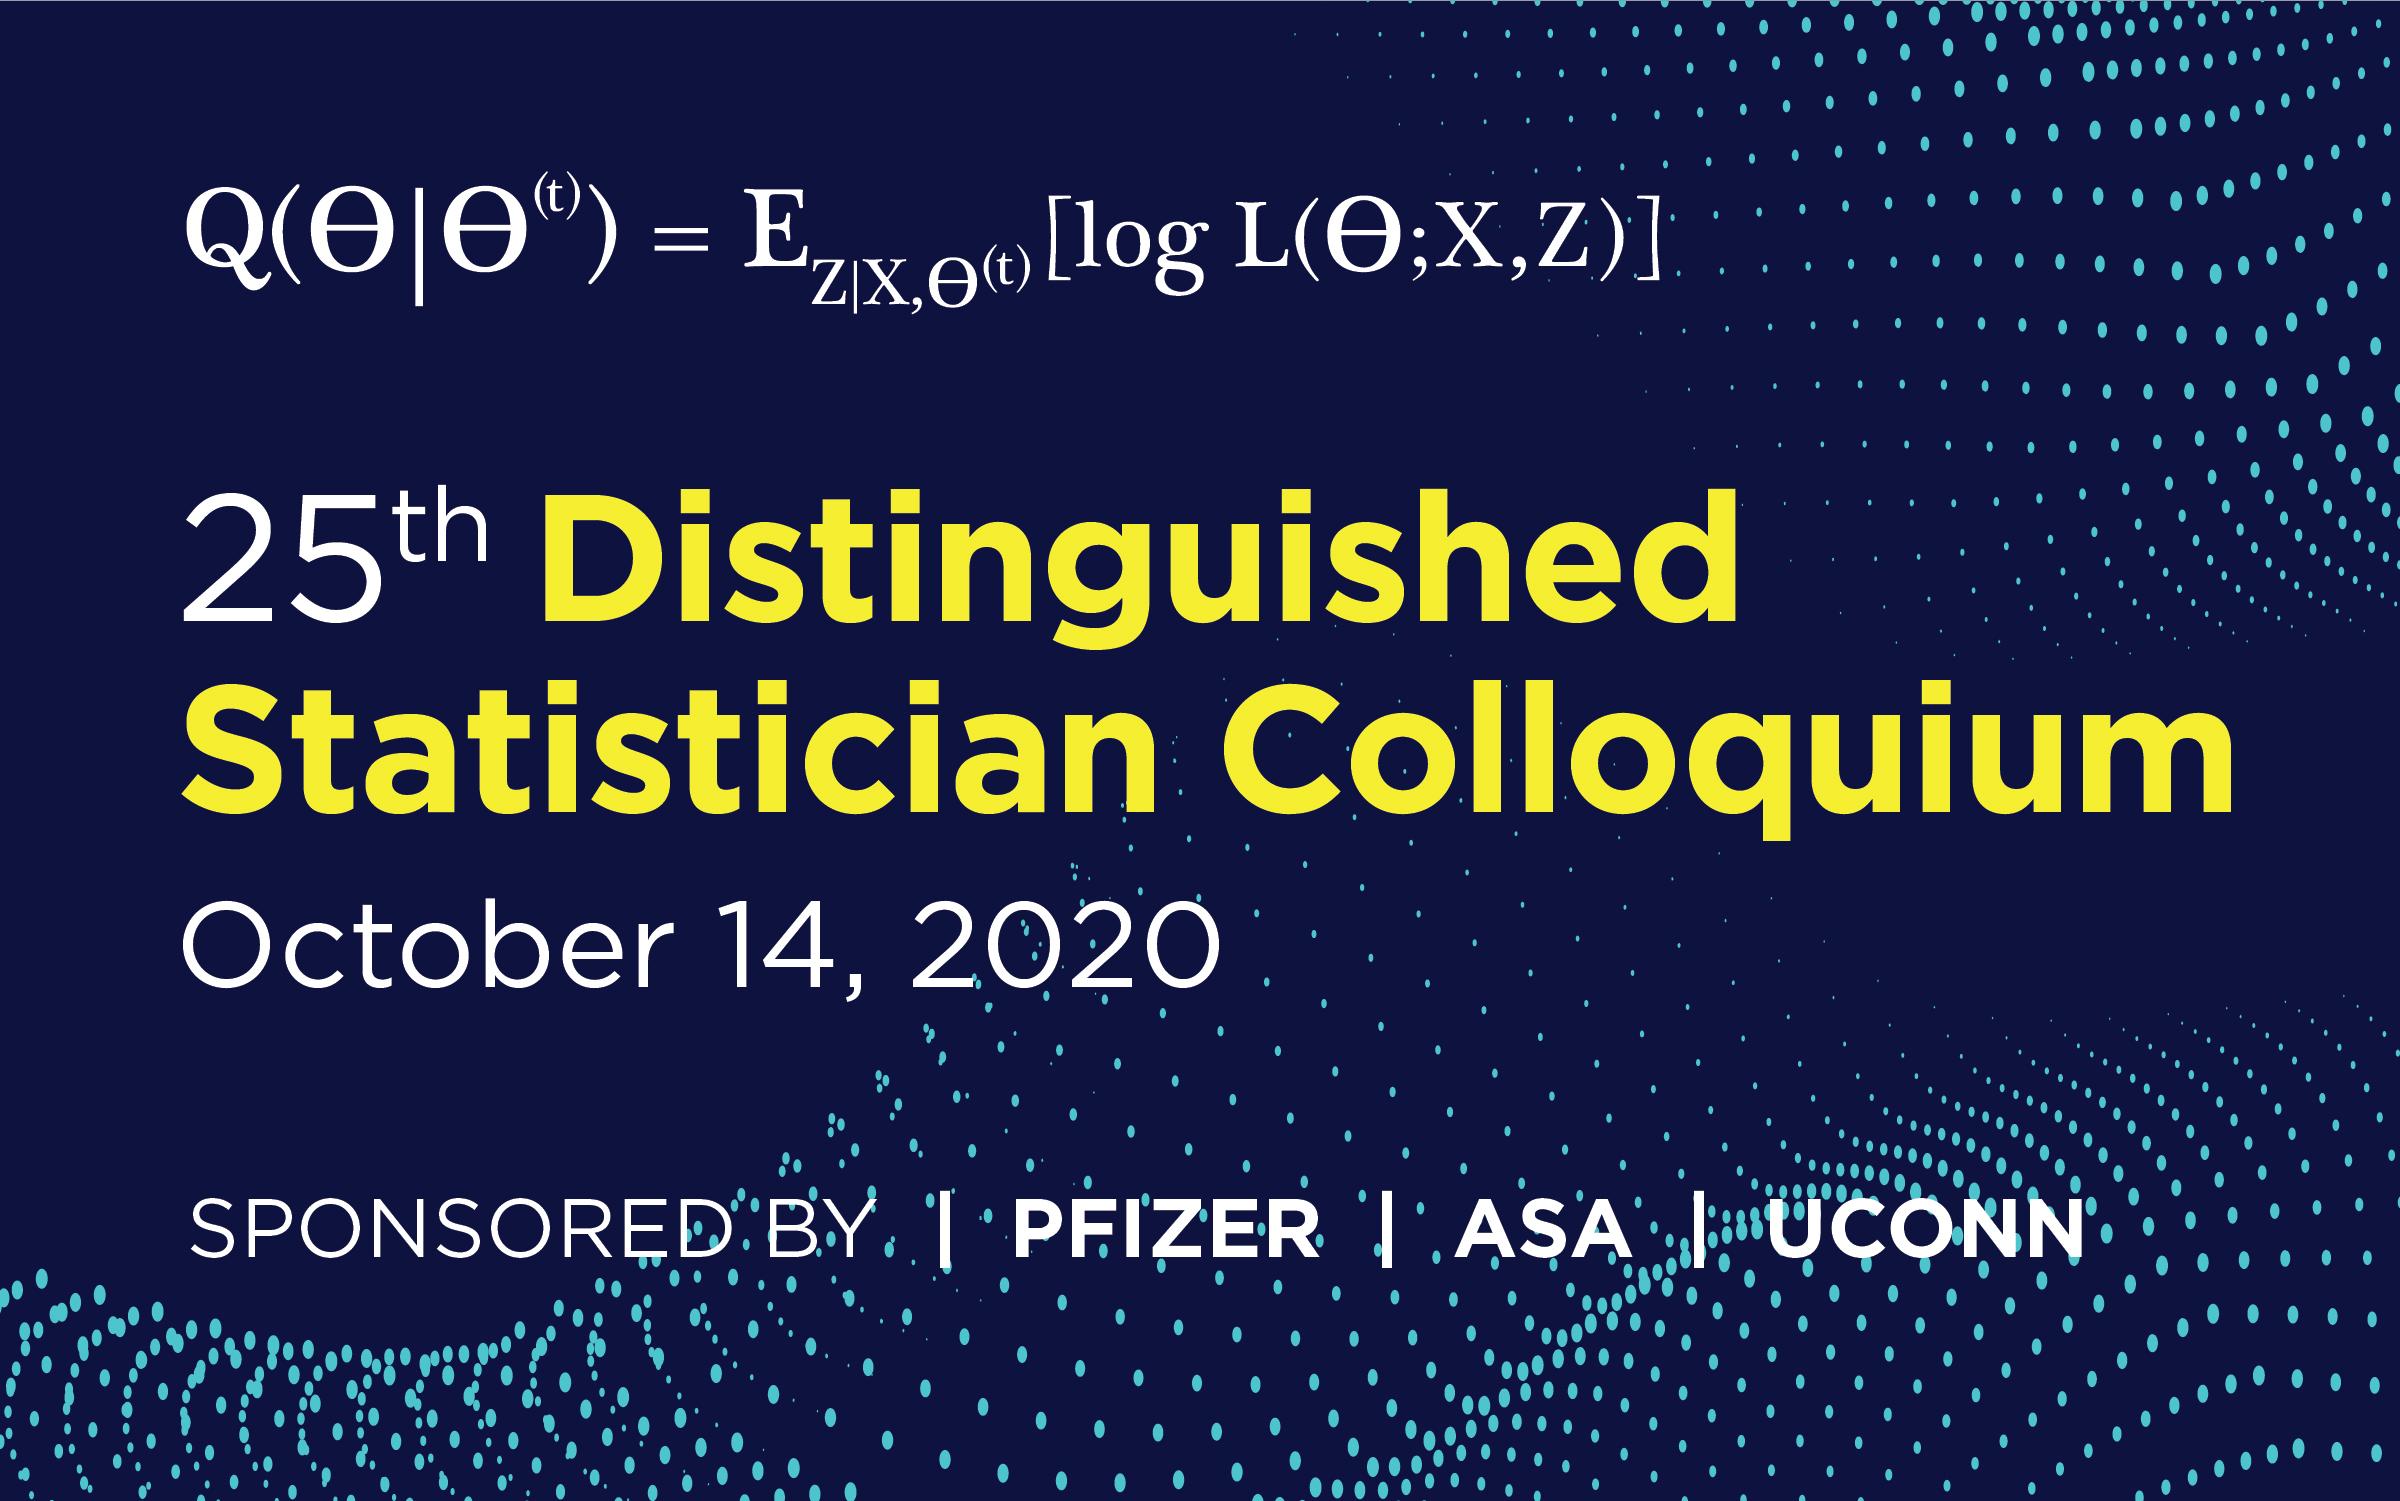 2020 Pfizer/ASA/UConn Distinguished Statistician Colloquium